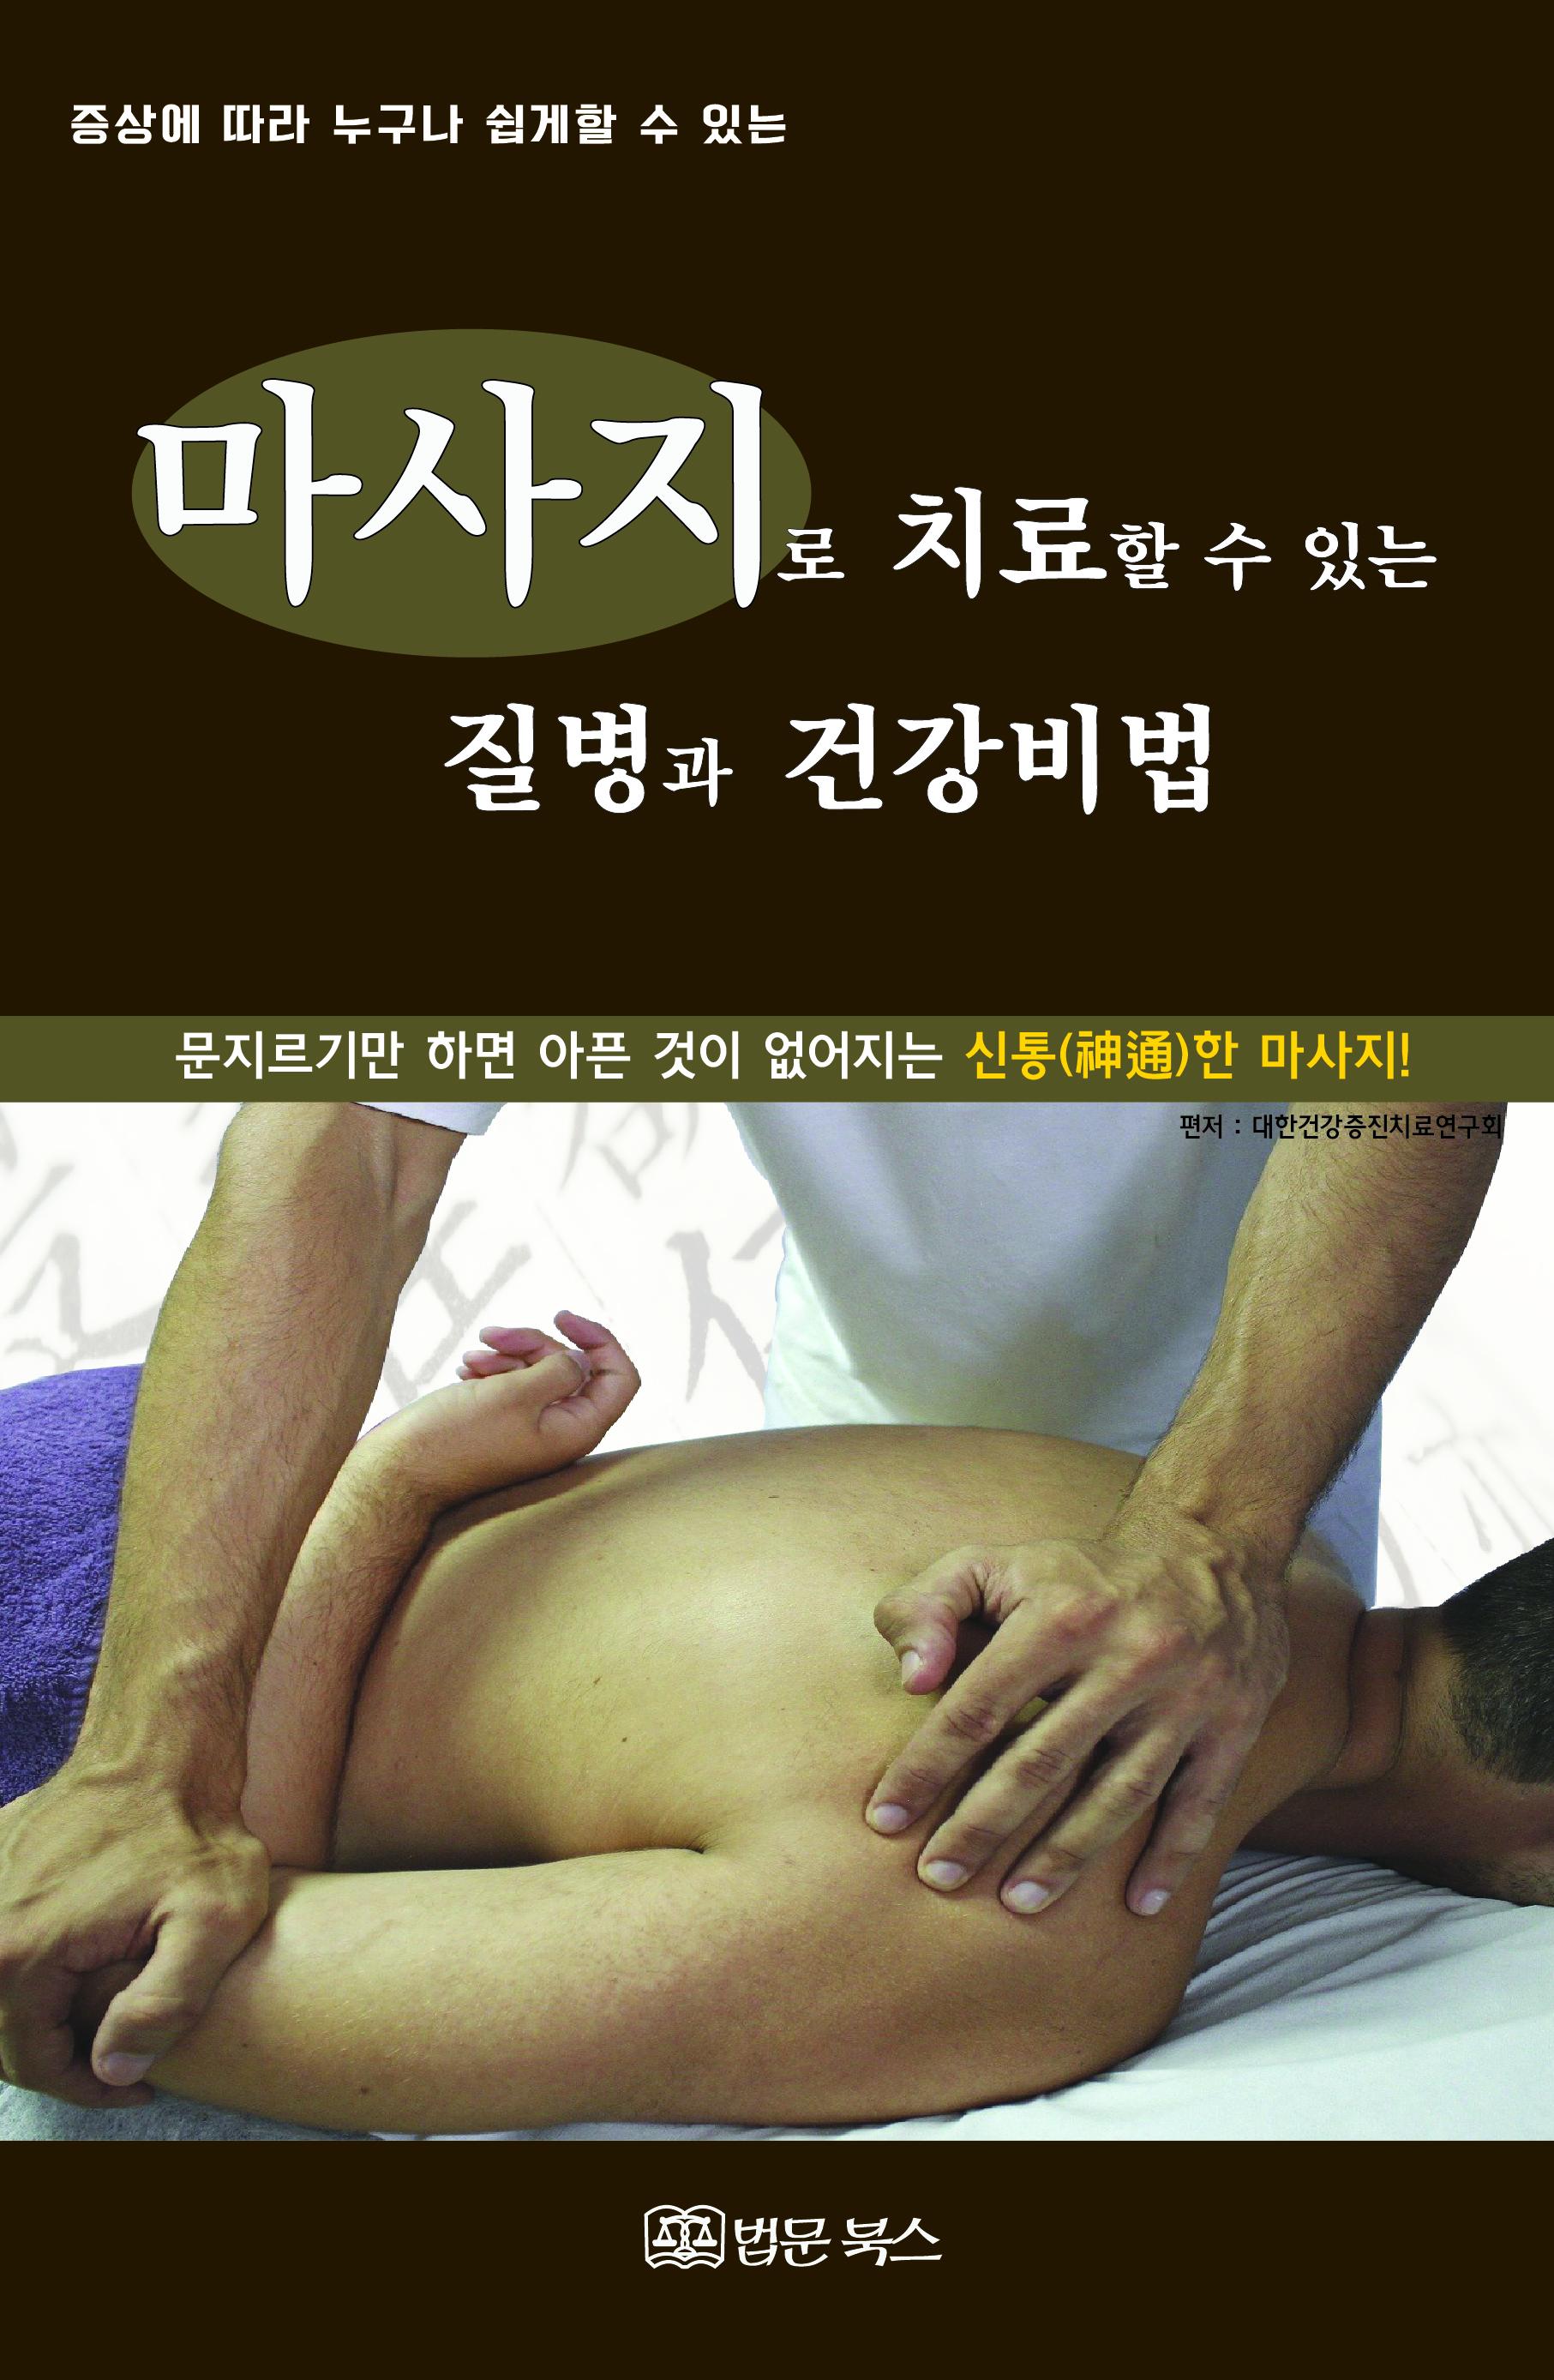 마사지로 치료할 수 있는 질병과 건강비법